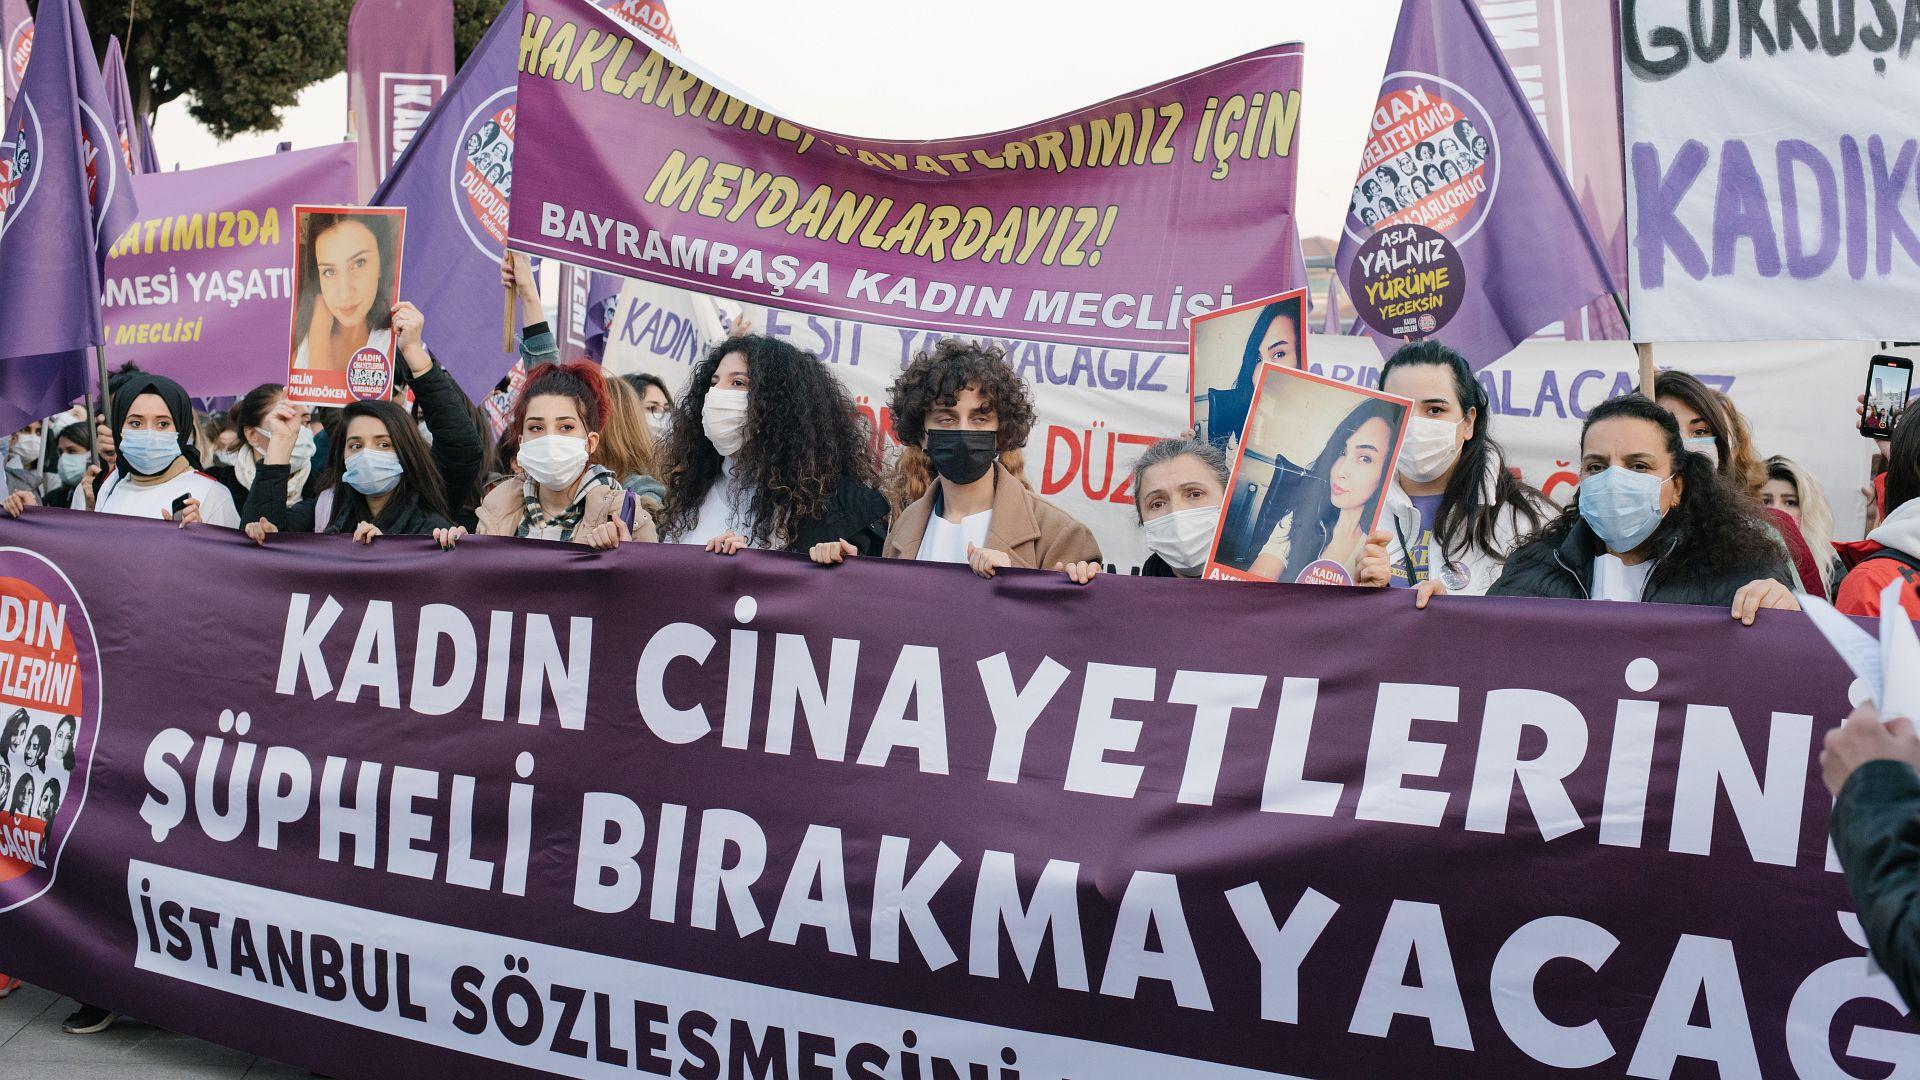 Von istanbul ehefrau trennung Erol Sander: